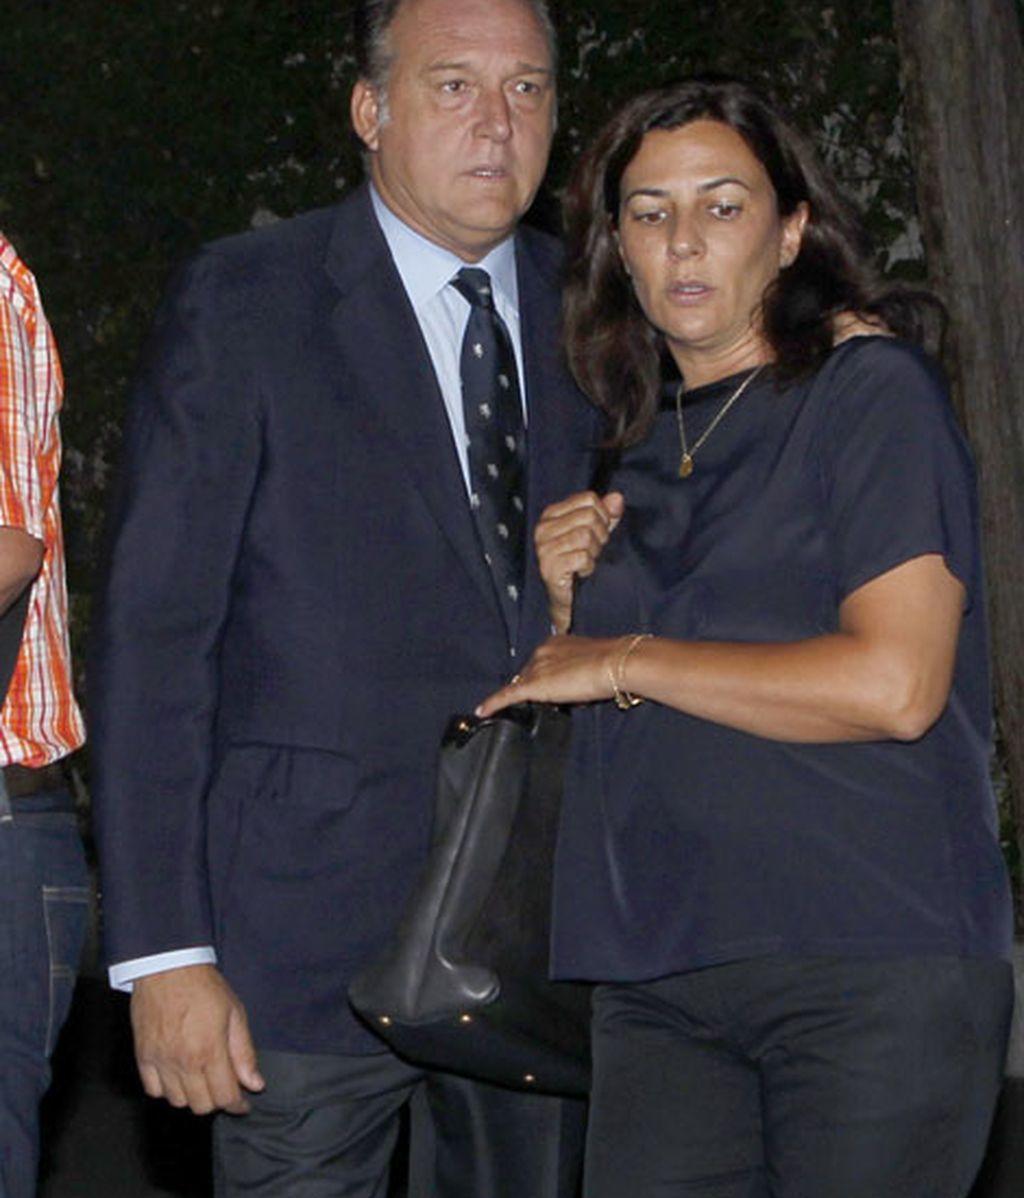 El empresario Pepe Barroso y su mujer Mónica Silvia